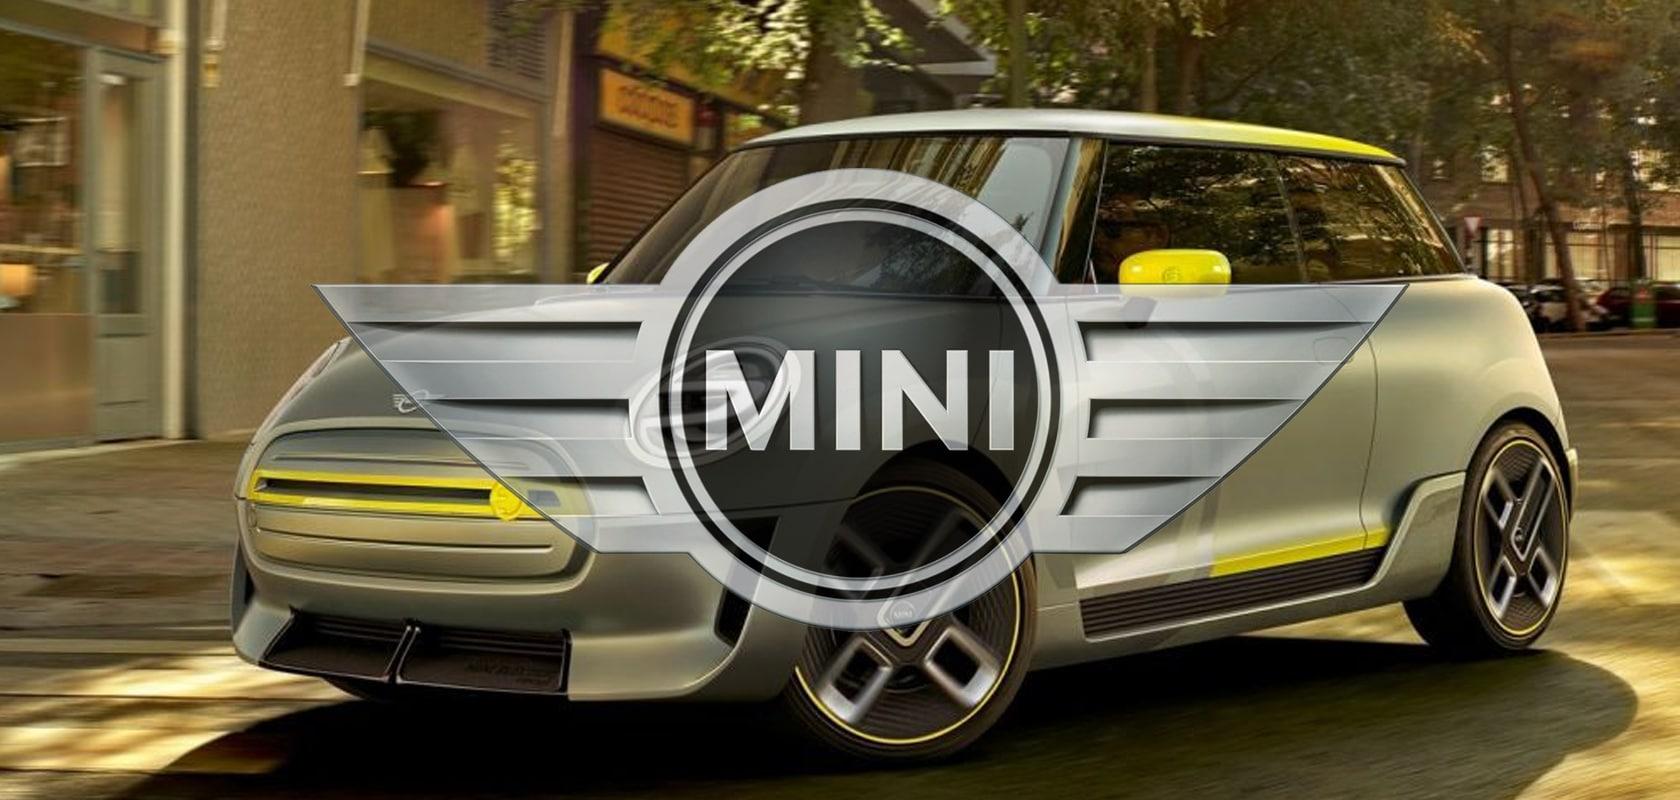 Marque Mini